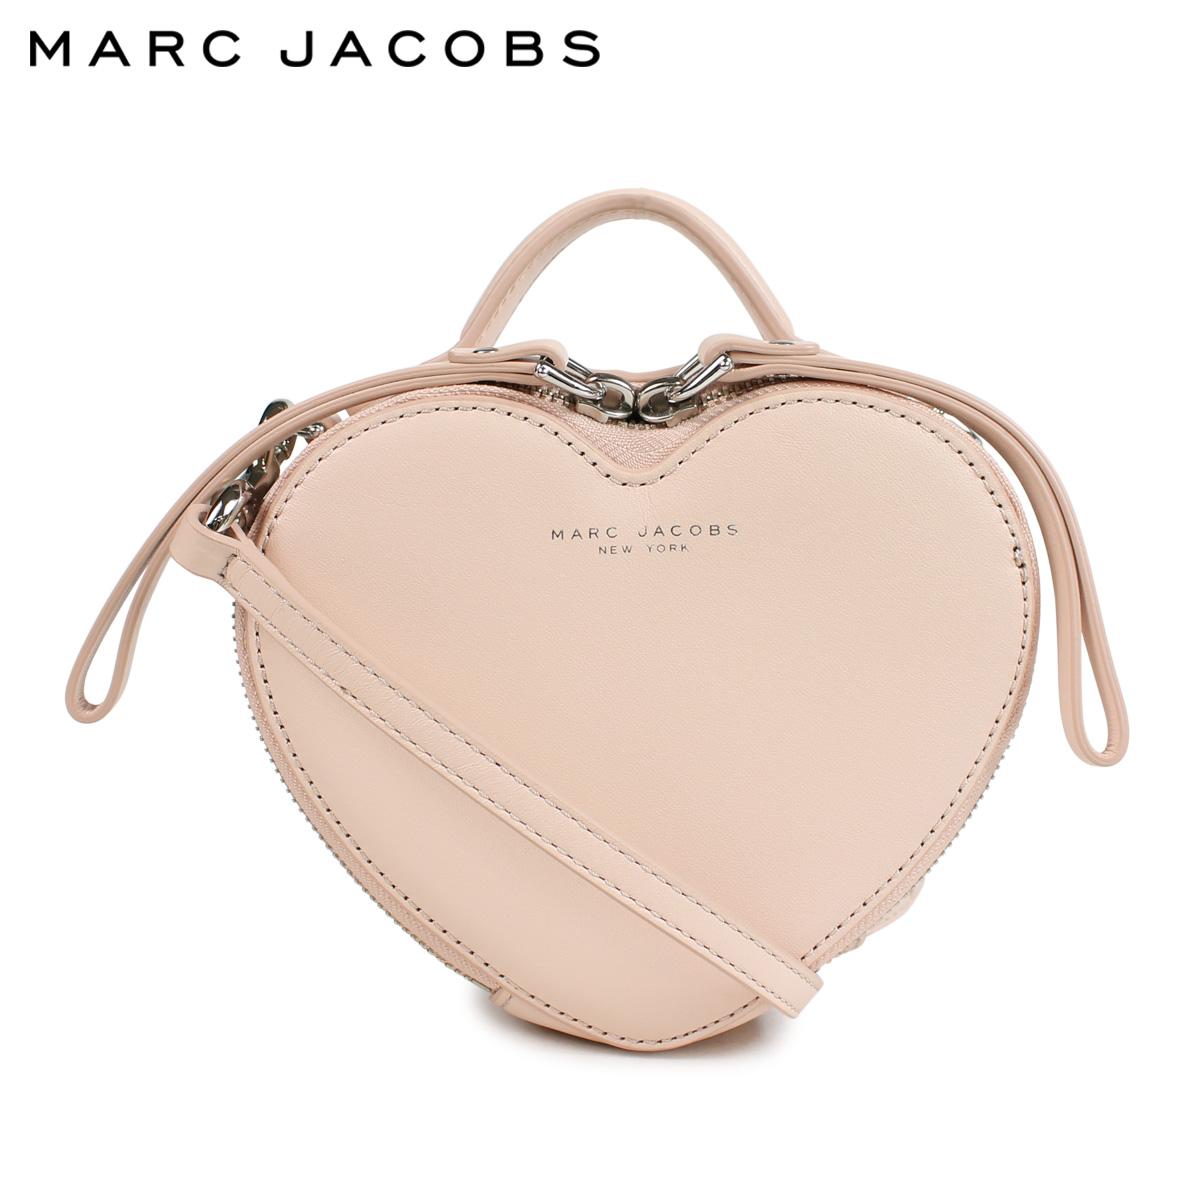 【最大2000円OFFクーポン】 マークジェイコブス MARC JACOBS バッグ ショルダーバッグ レディース HEART LEATHER CROSSBODY BAG ピンク M7000059